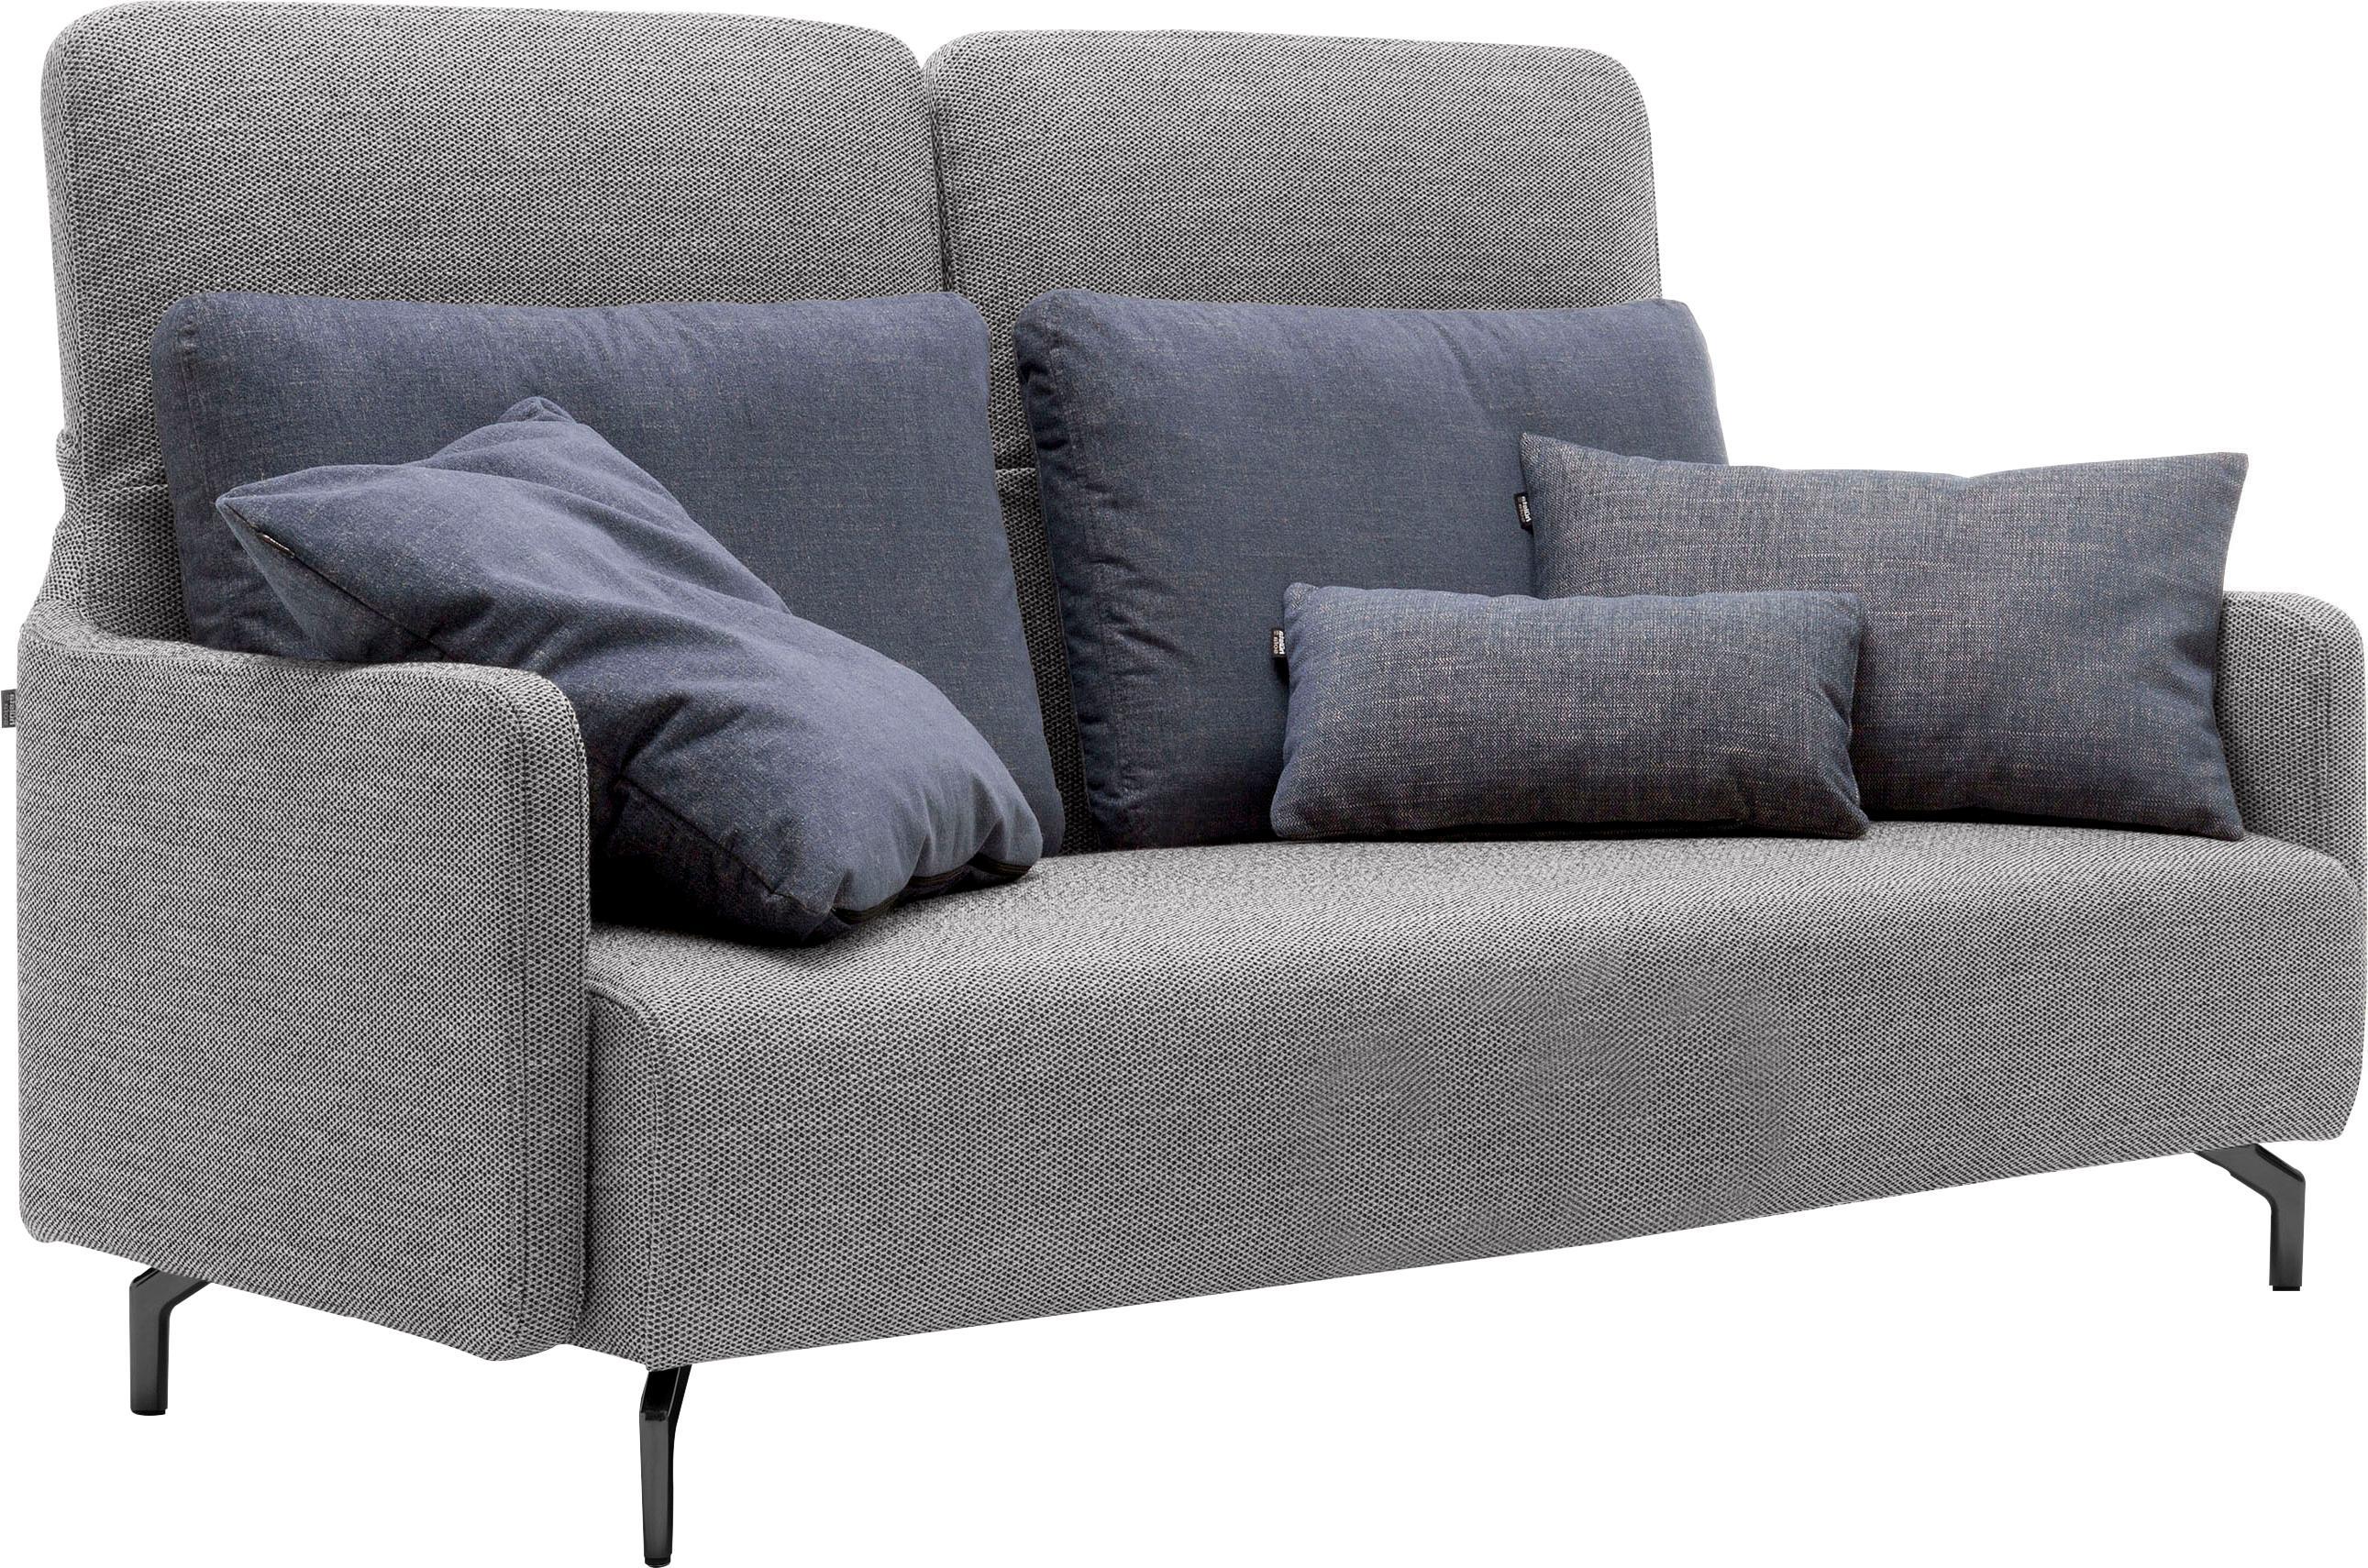 hülsta sofa 25-Sitzer hs422